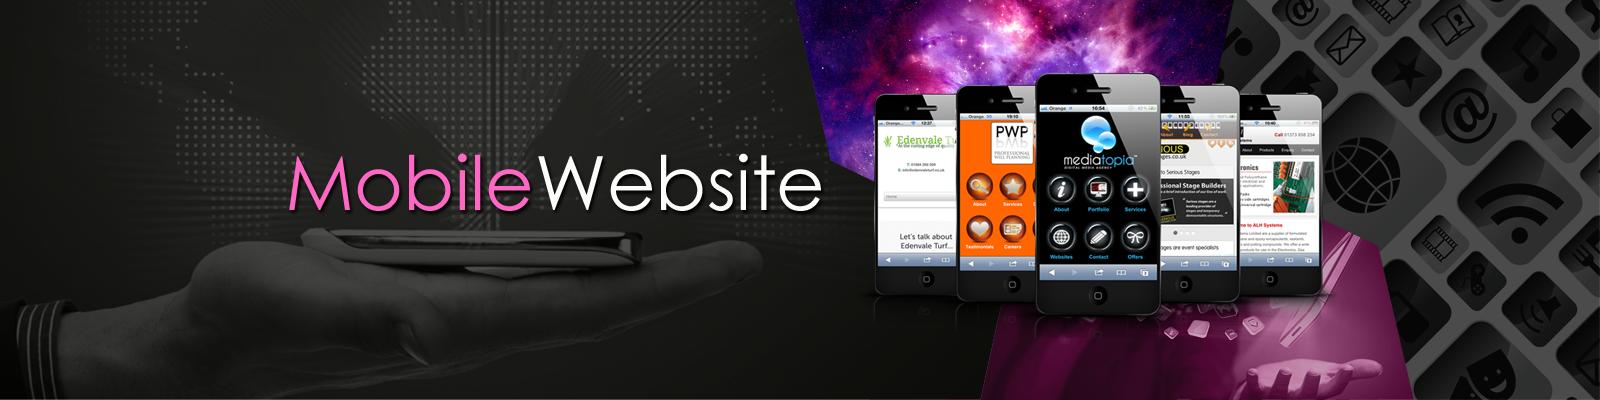 013-mobile-website-baner